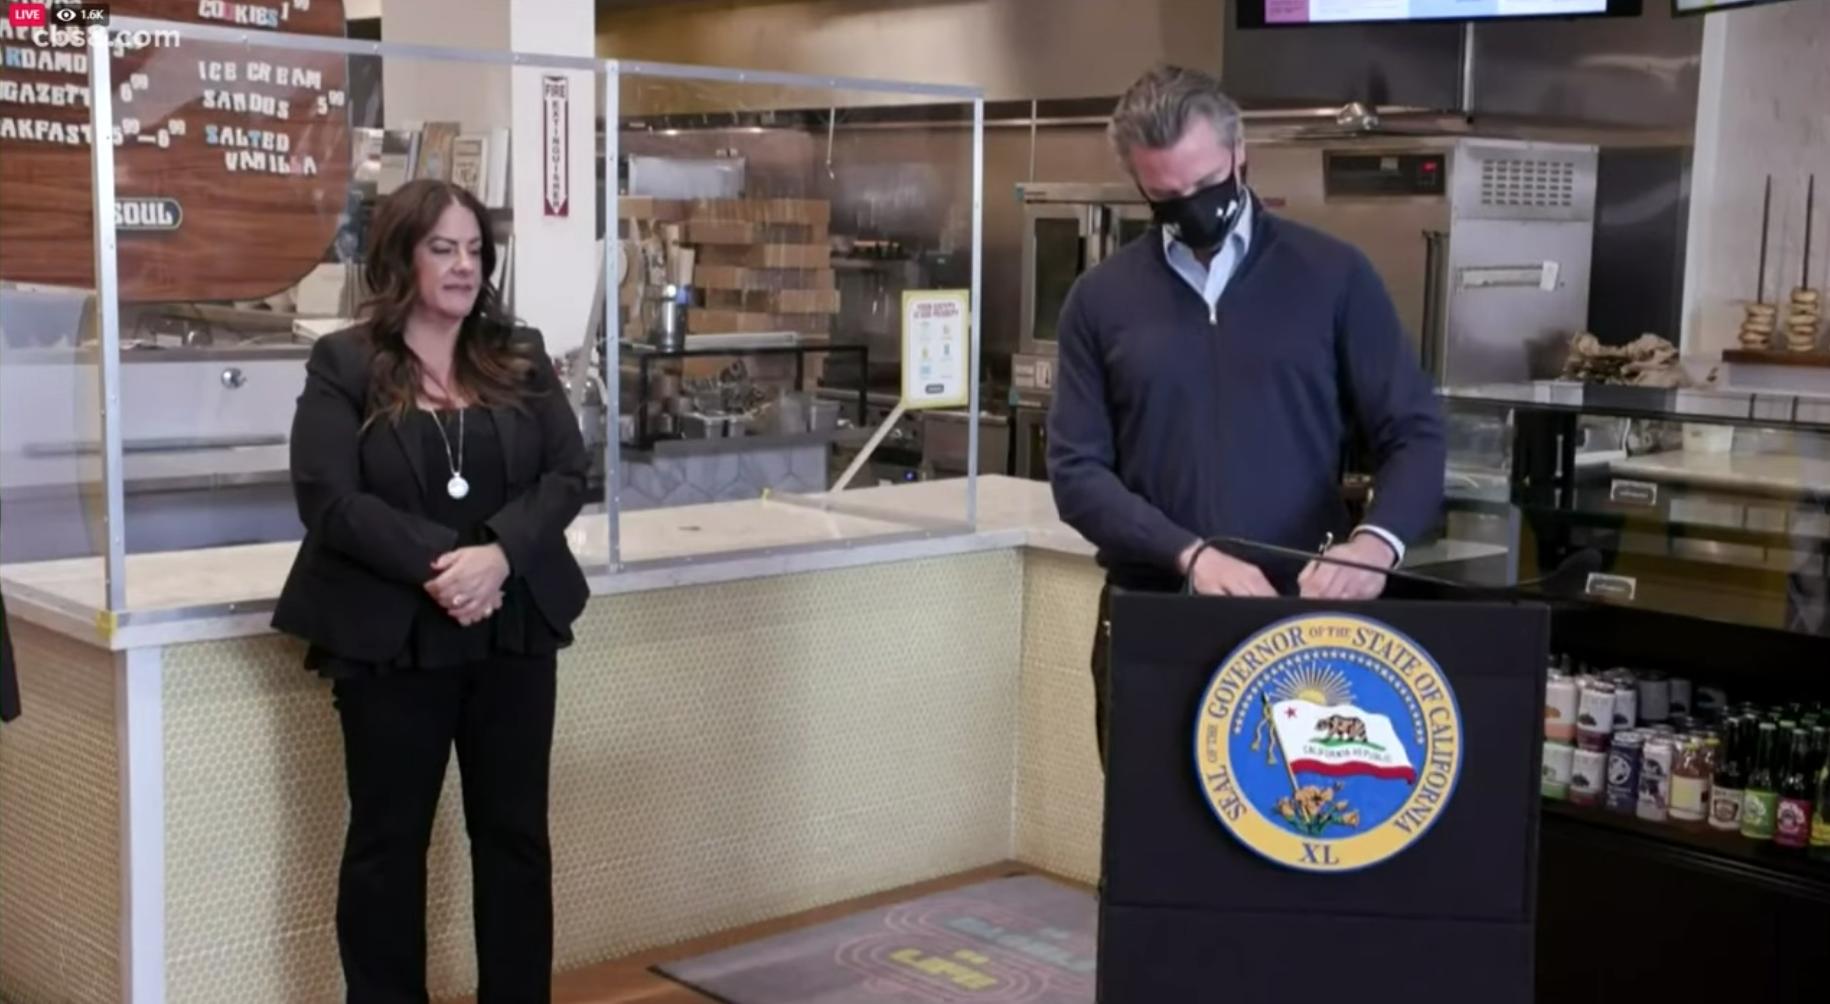 Người dân California bắt đầu nhận được $600 mỹ kim từ gói cứu trợ COVID-19 của tiểu bang